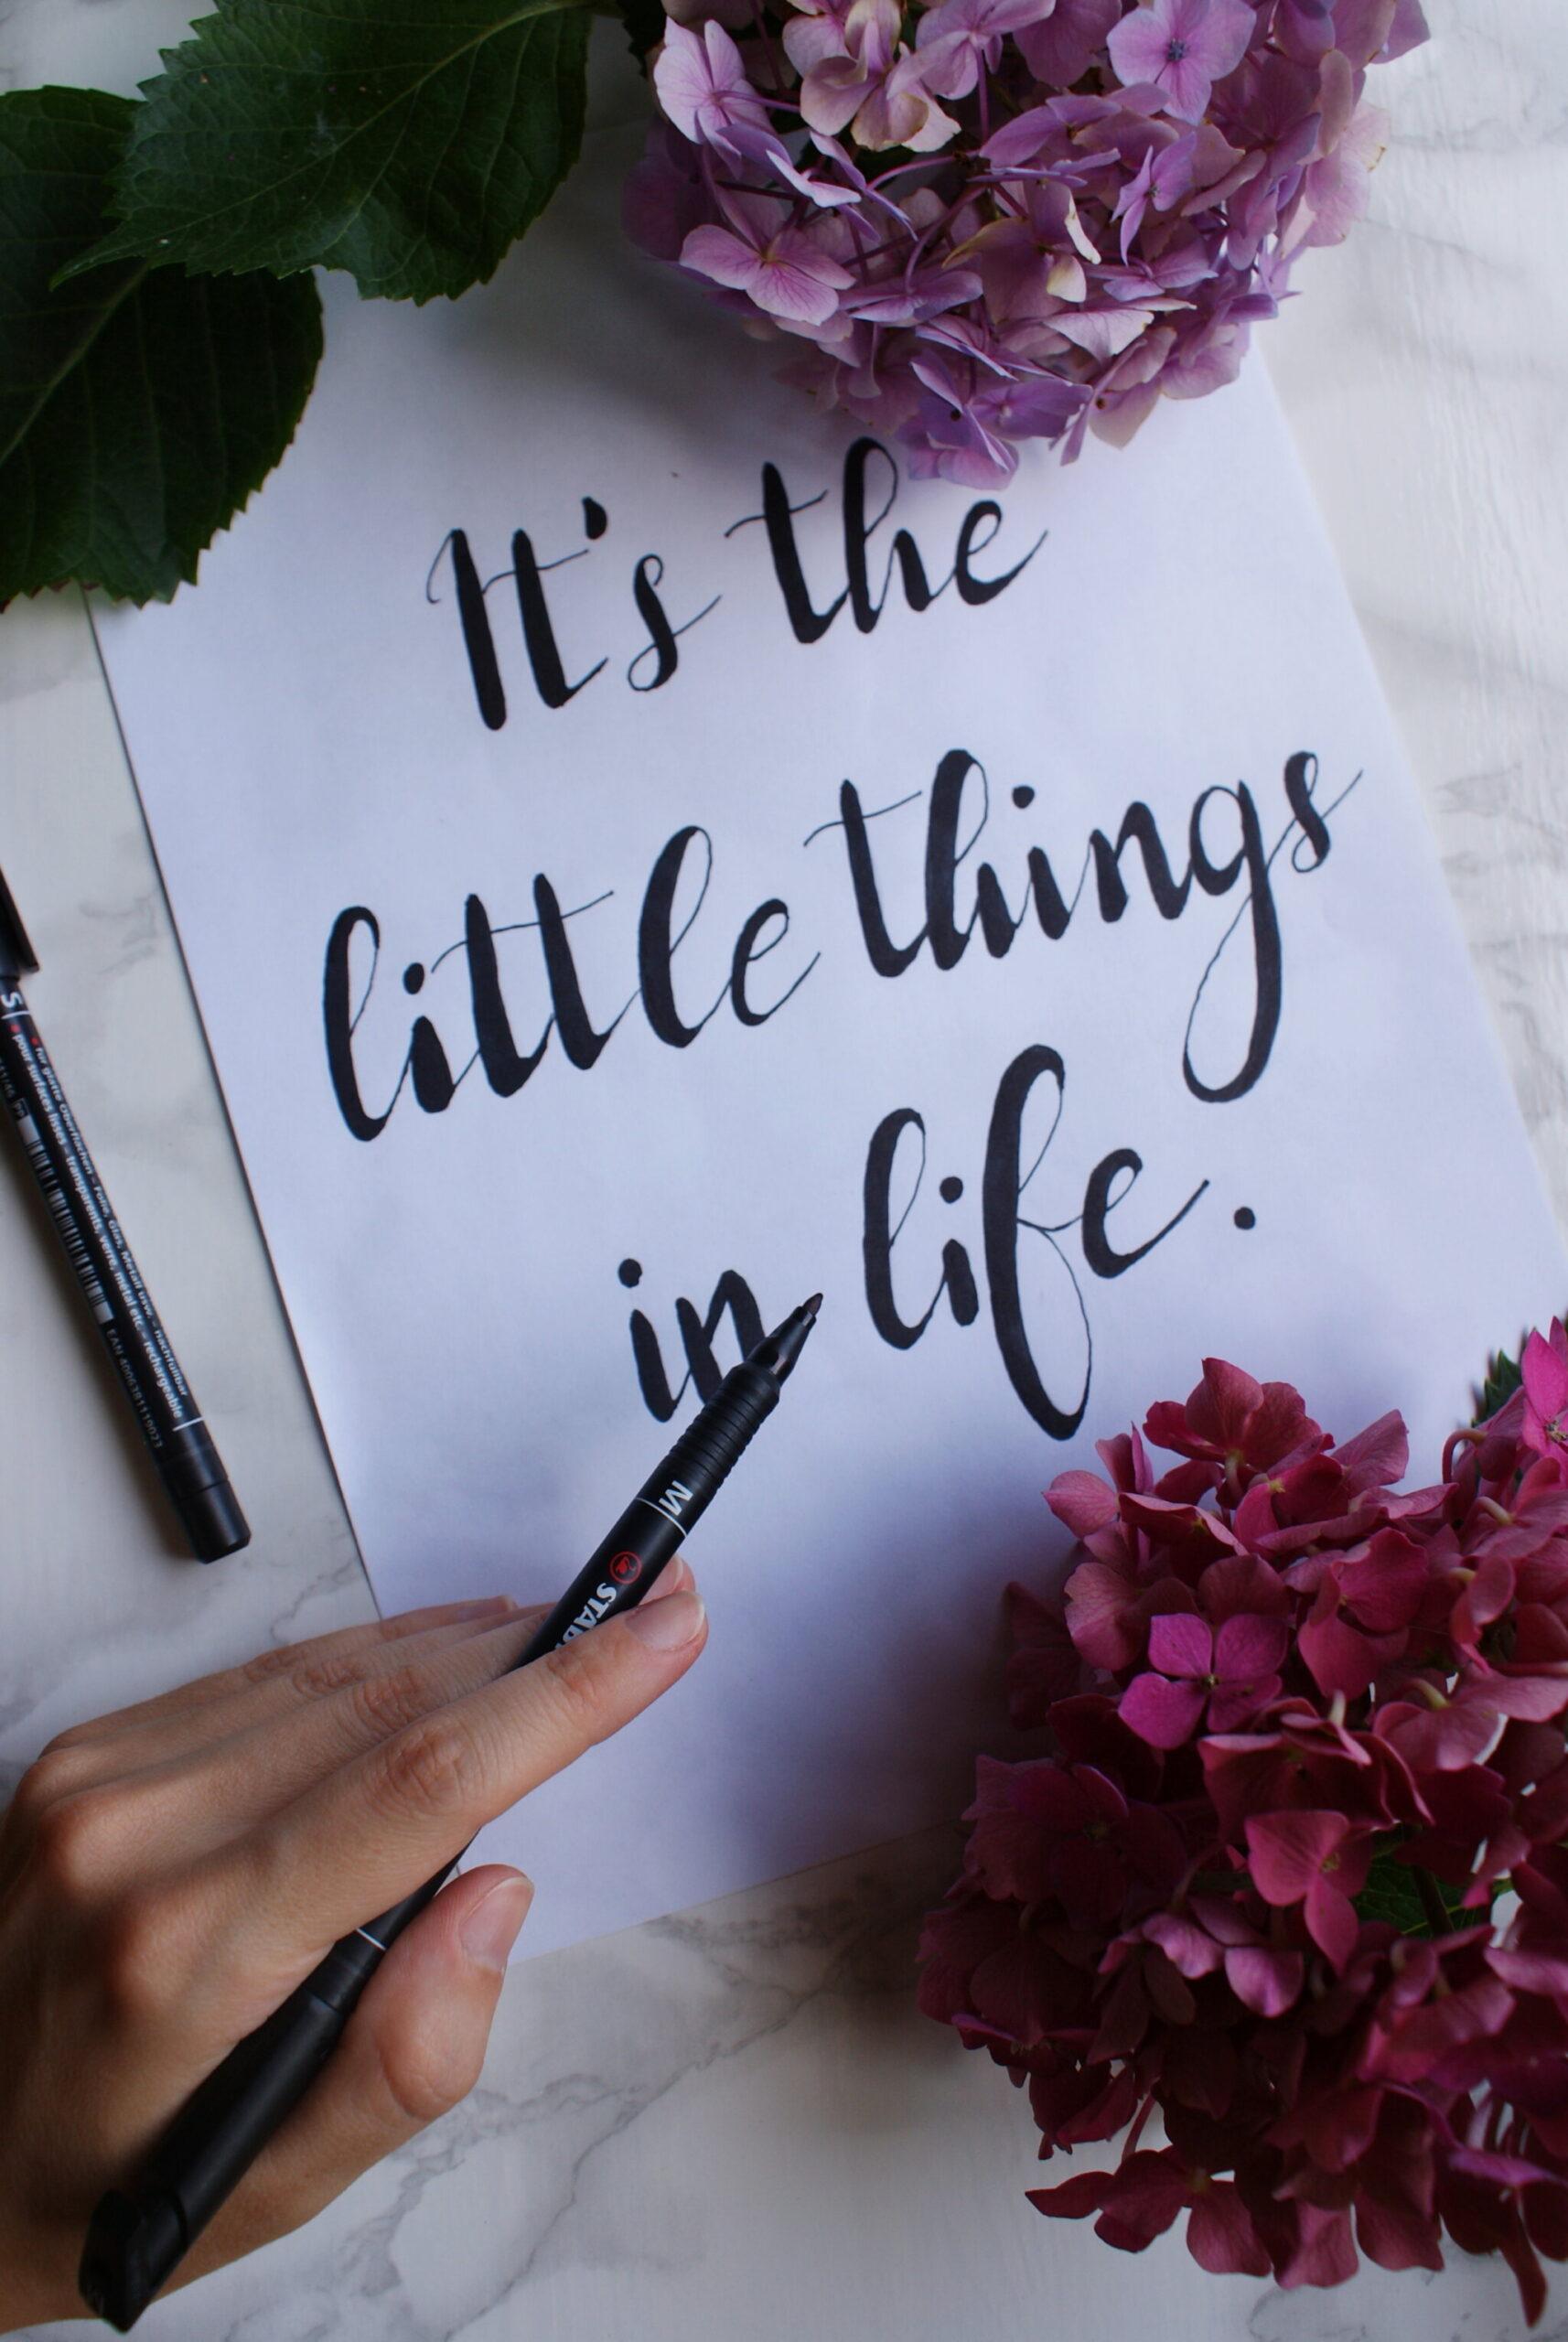 corso guida calligrafia scrittura principianti giorno facile